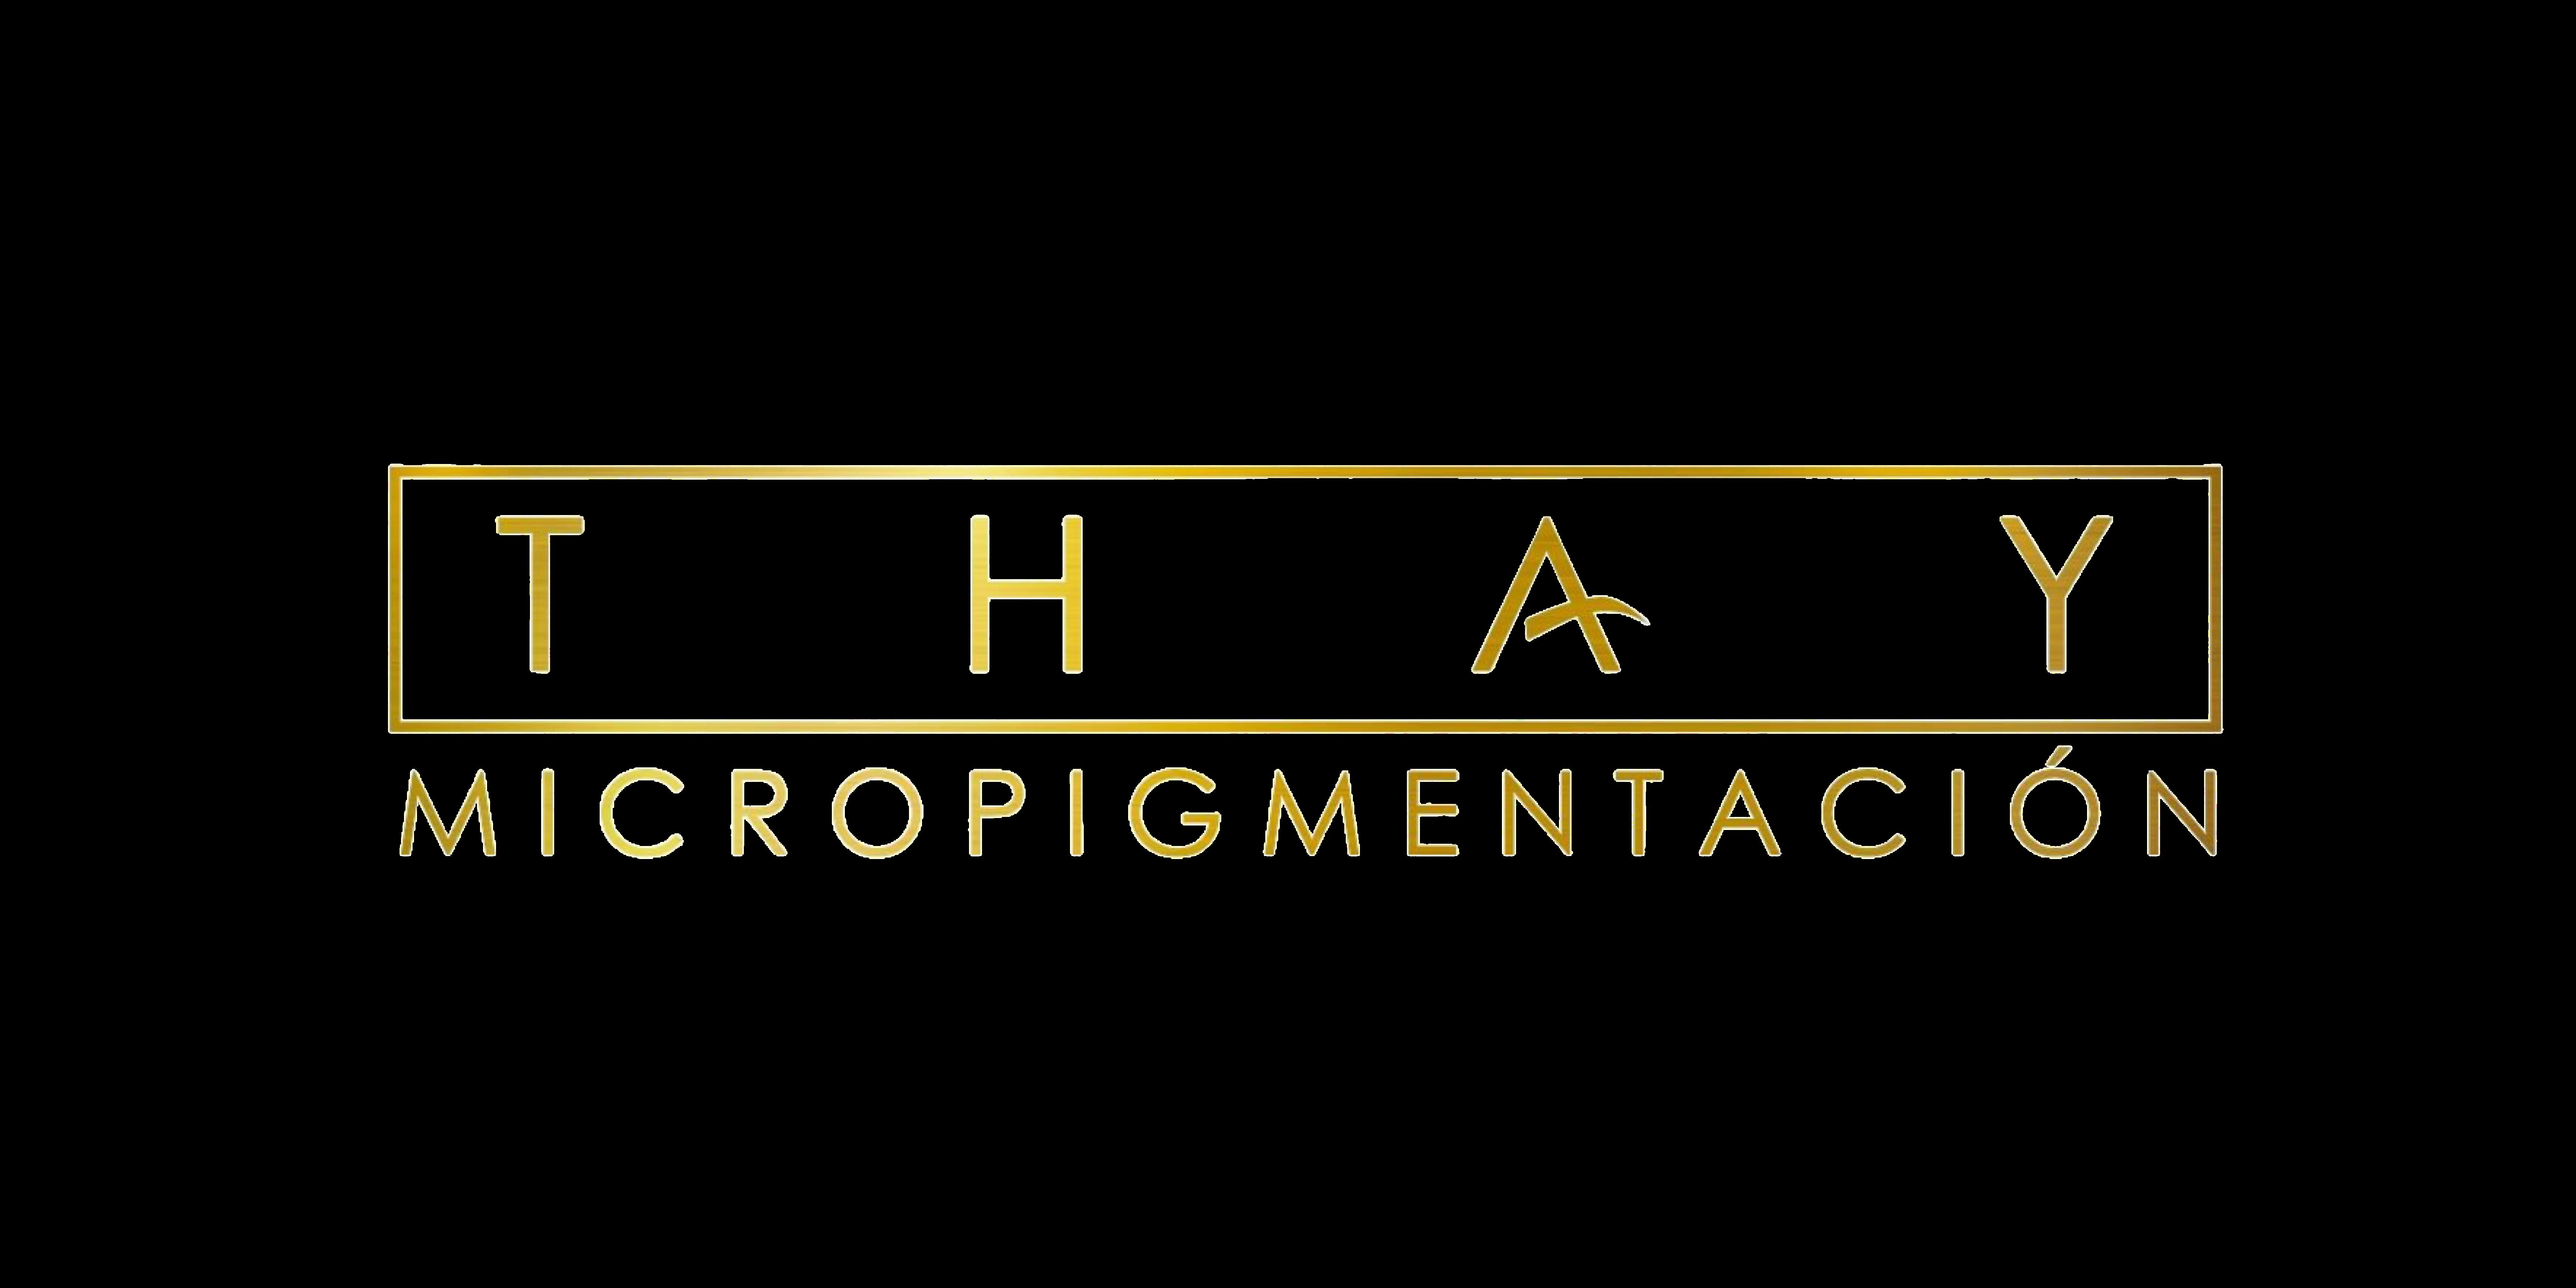 Thay Micropigmentación